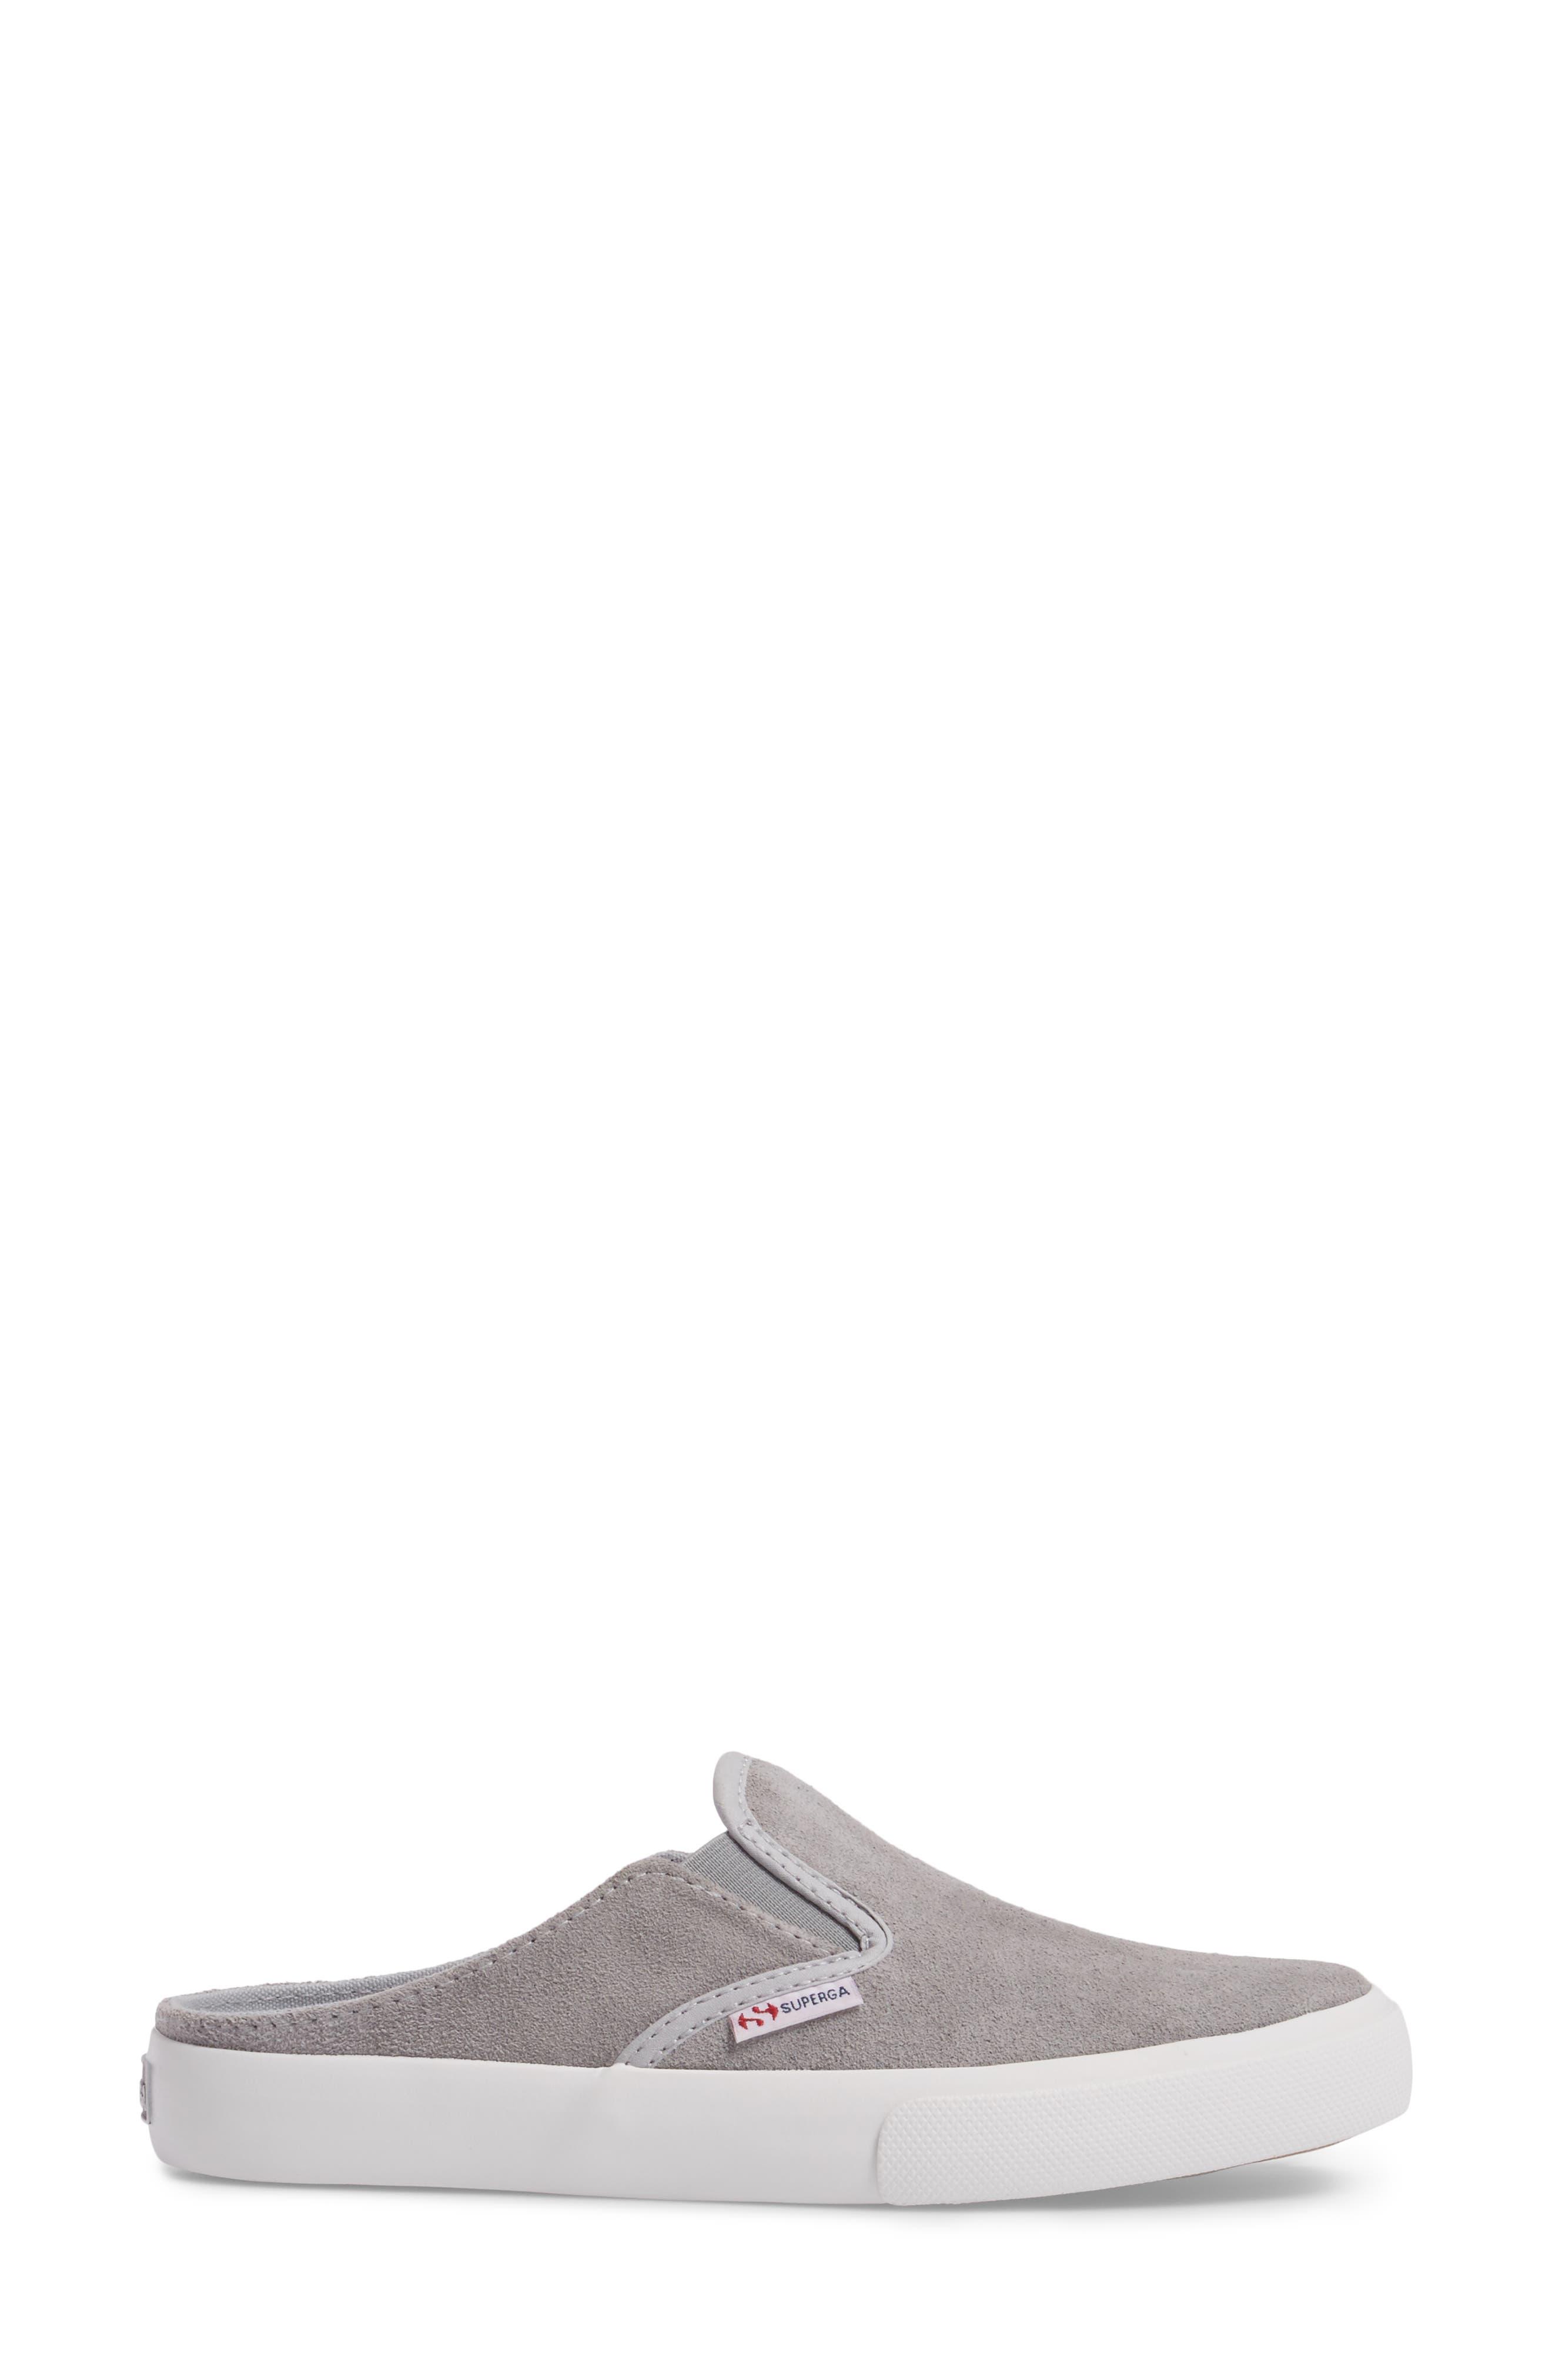 Alternate Image 3  - Superga Slip-On Mule Sneaker (Women)